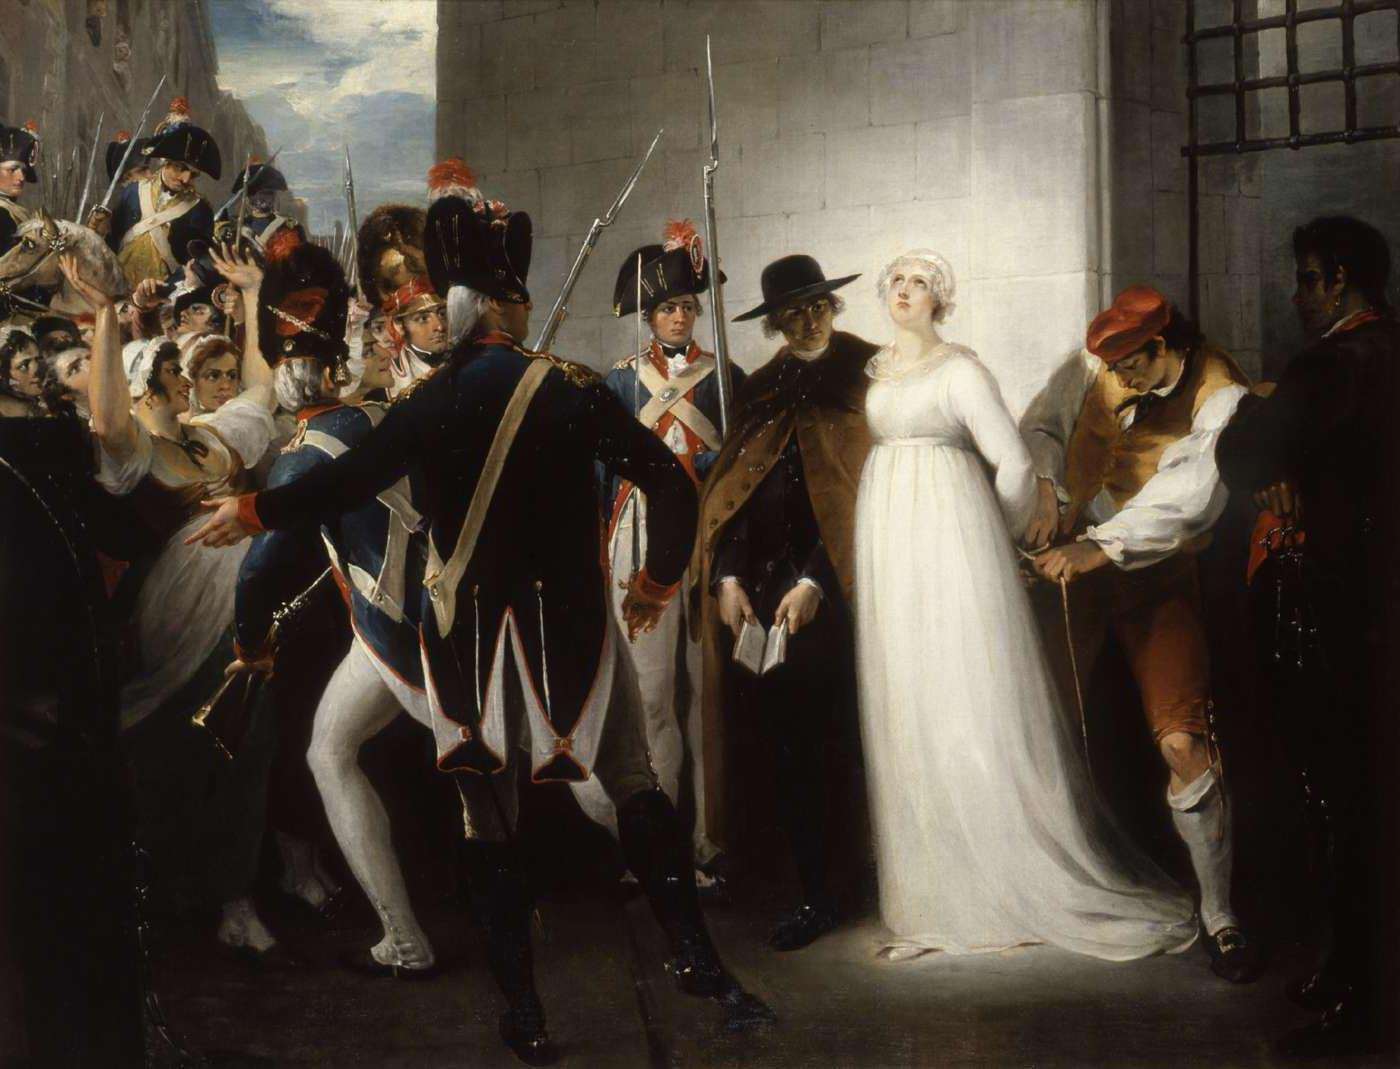 William Hamilton. María Antonieta conducida a la guillotina. 1794. Museo de la Revolcuión Francesa. Vizille.